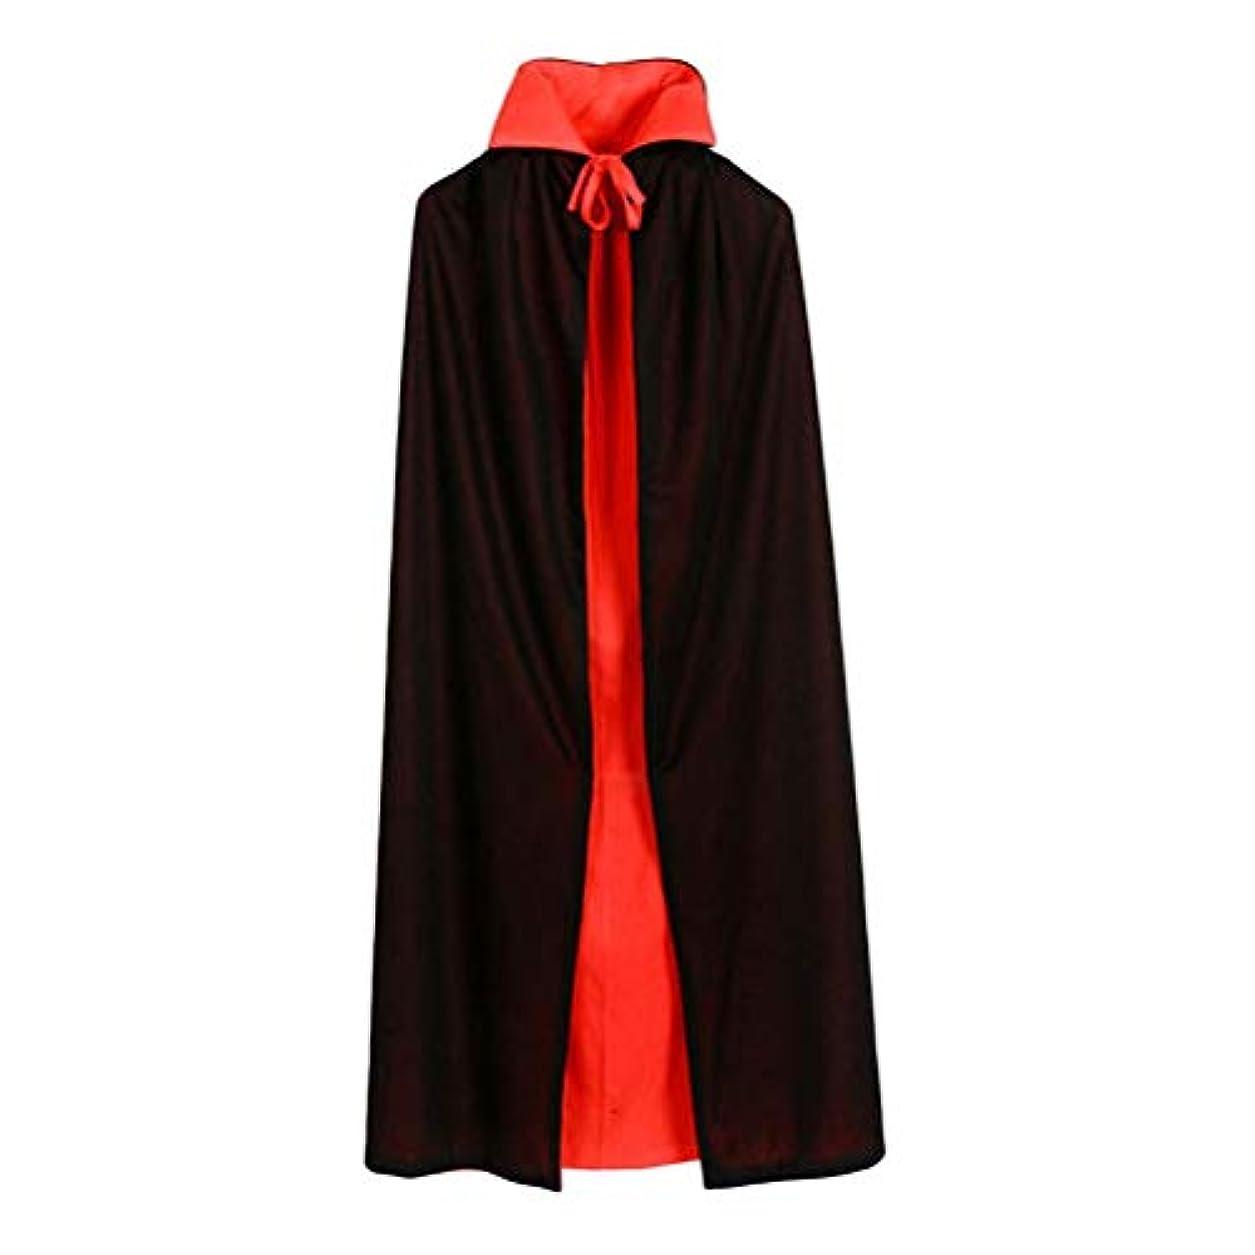 暖かさ欲望説明的Toyvian ヴァンパイアマント二重層黒と赤のフード付きマントヴァンパイアコスチュームコスプレケープは男の子と女の子のためにドレスアップ(90cmストレートカラーダブルマント)